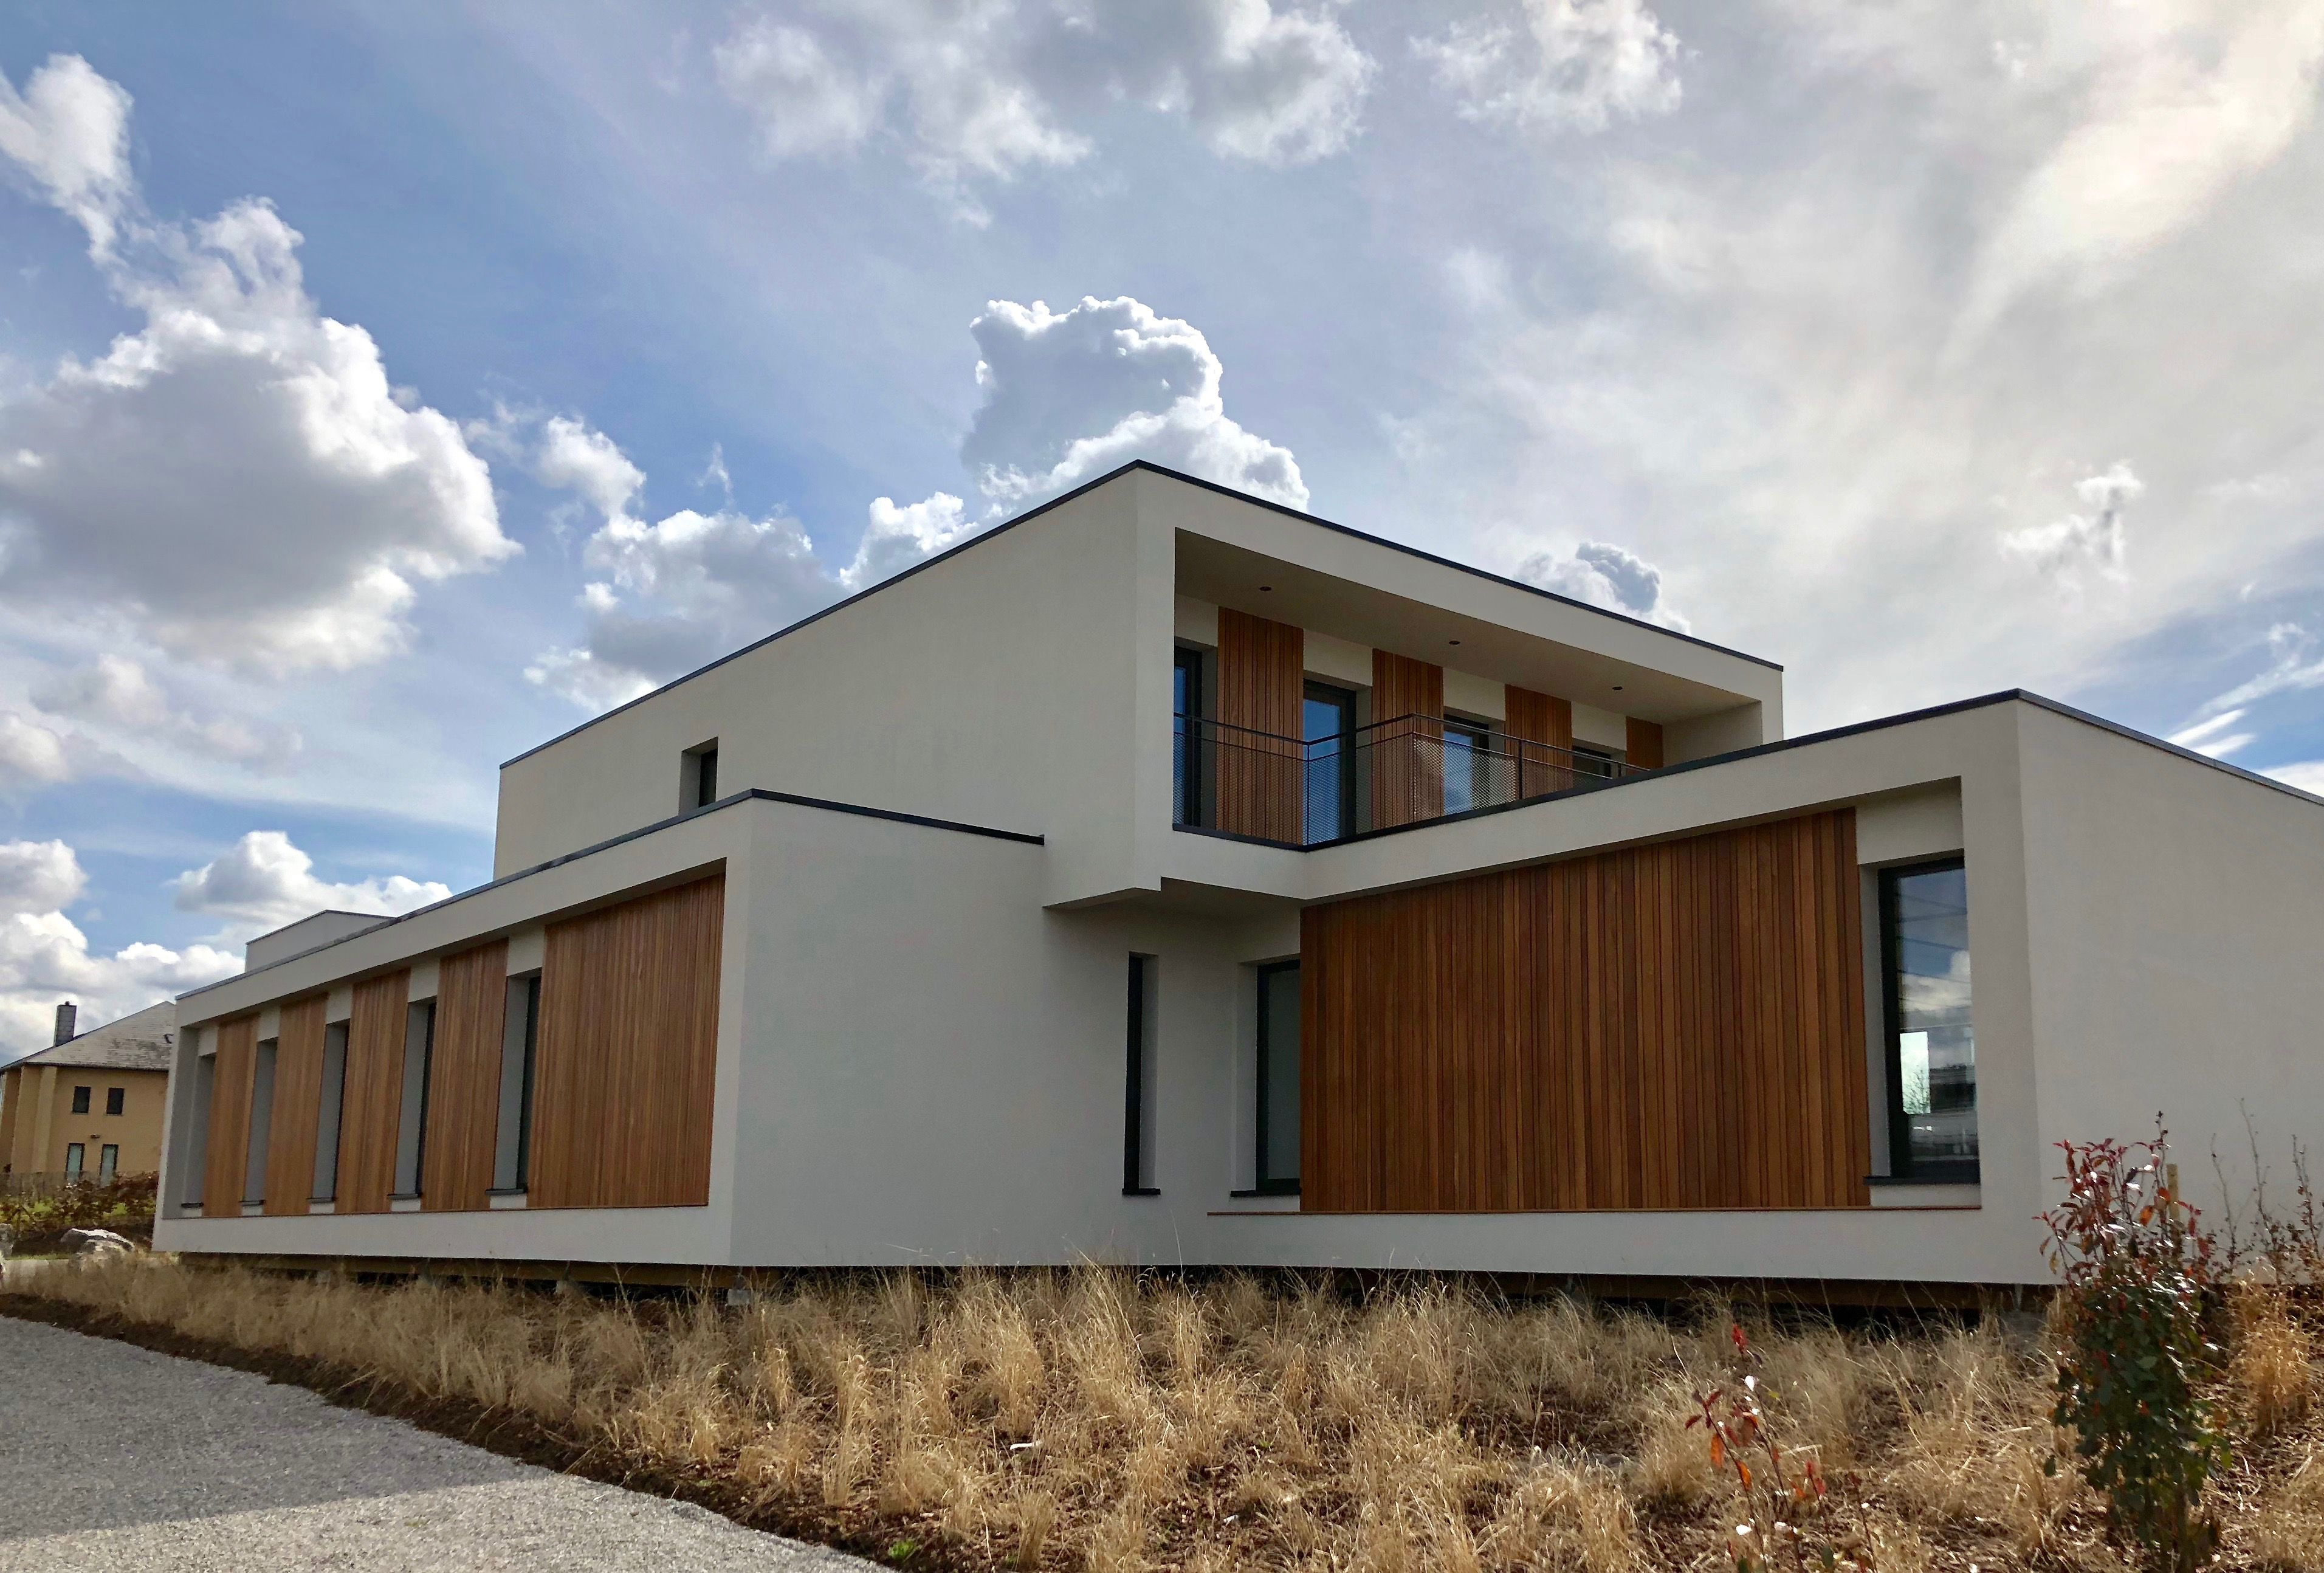 Bureau bois design de m² by popup house en belgique part